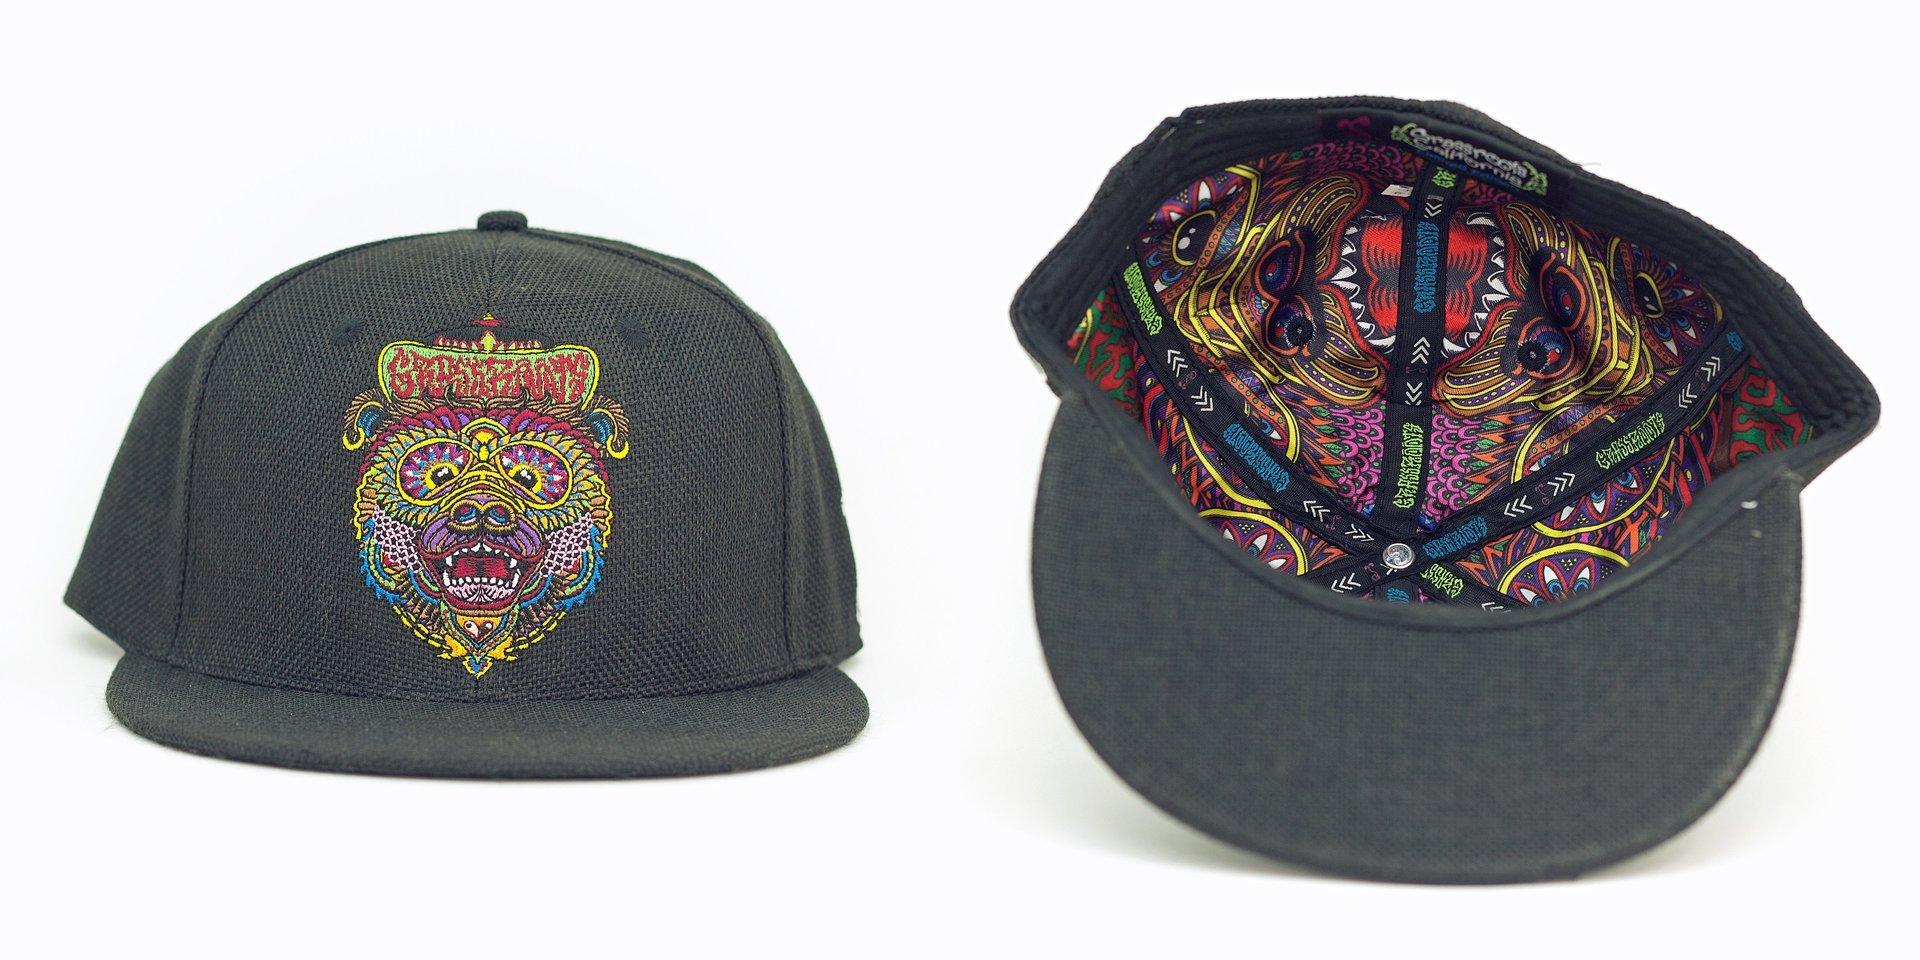 Chris Dyer OG Bear Black Hemp Fitted Grassroots California Hat 204b54a244a2